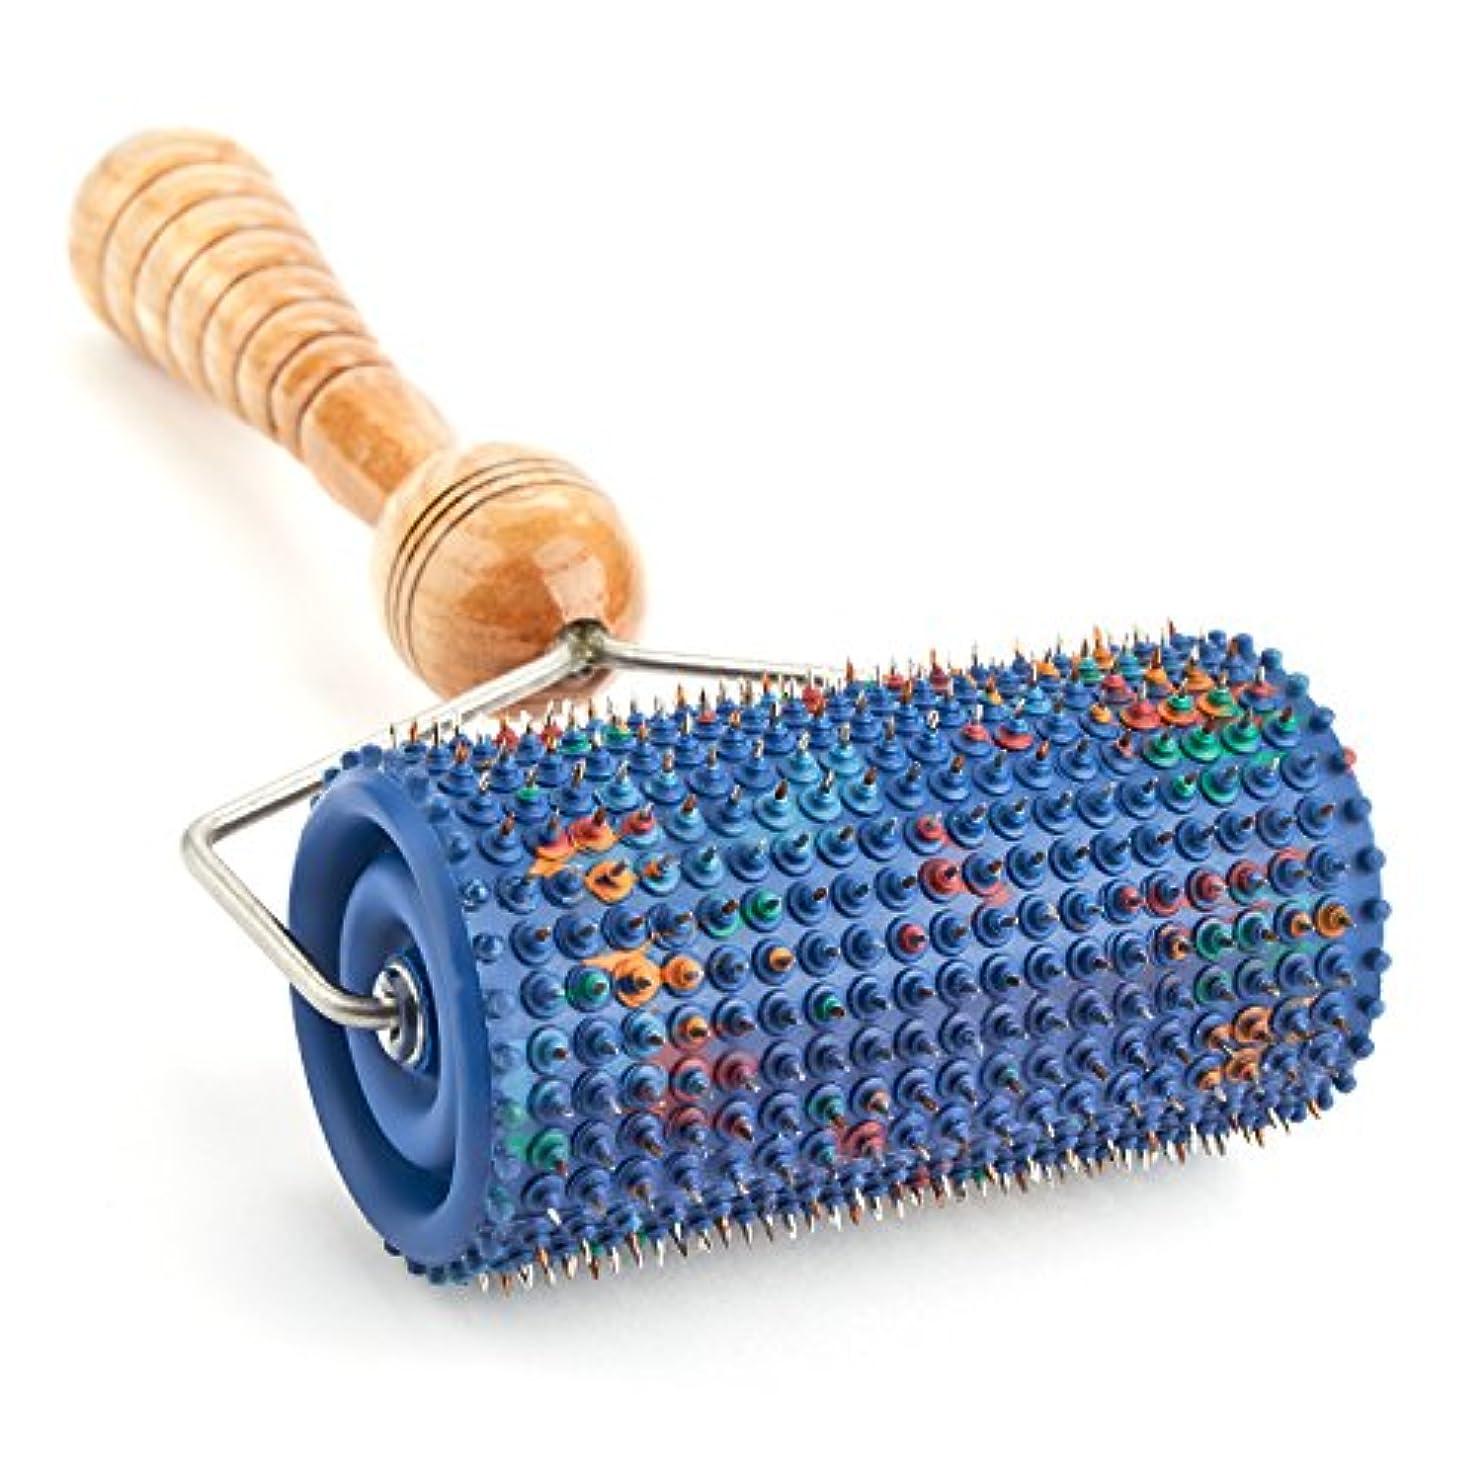 検索エンジン最適化ハーフオークLYAPKOビッグローラーマッサージャー5.0 シルバーコーティング 指圧570針使用。体の広範囲のマッサージ用。ユニークなアプリケーター治療 セルフ ダイナミック マッサージ ツール Big Roller Massager...